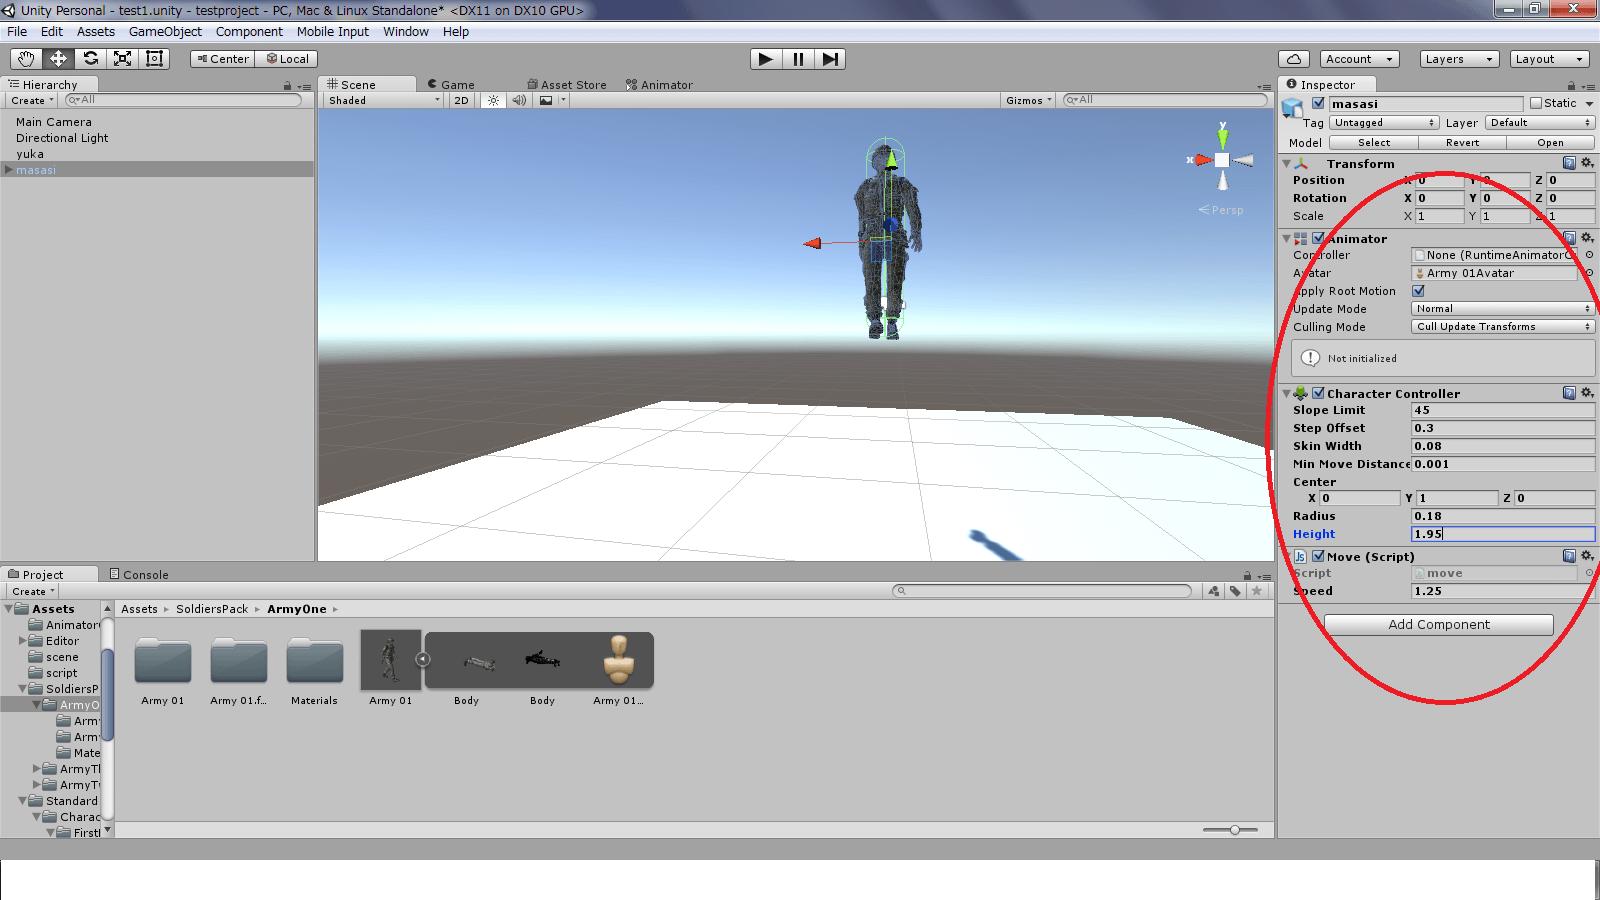 キャラクターコントローラとスクリプトのパラメータを設定する